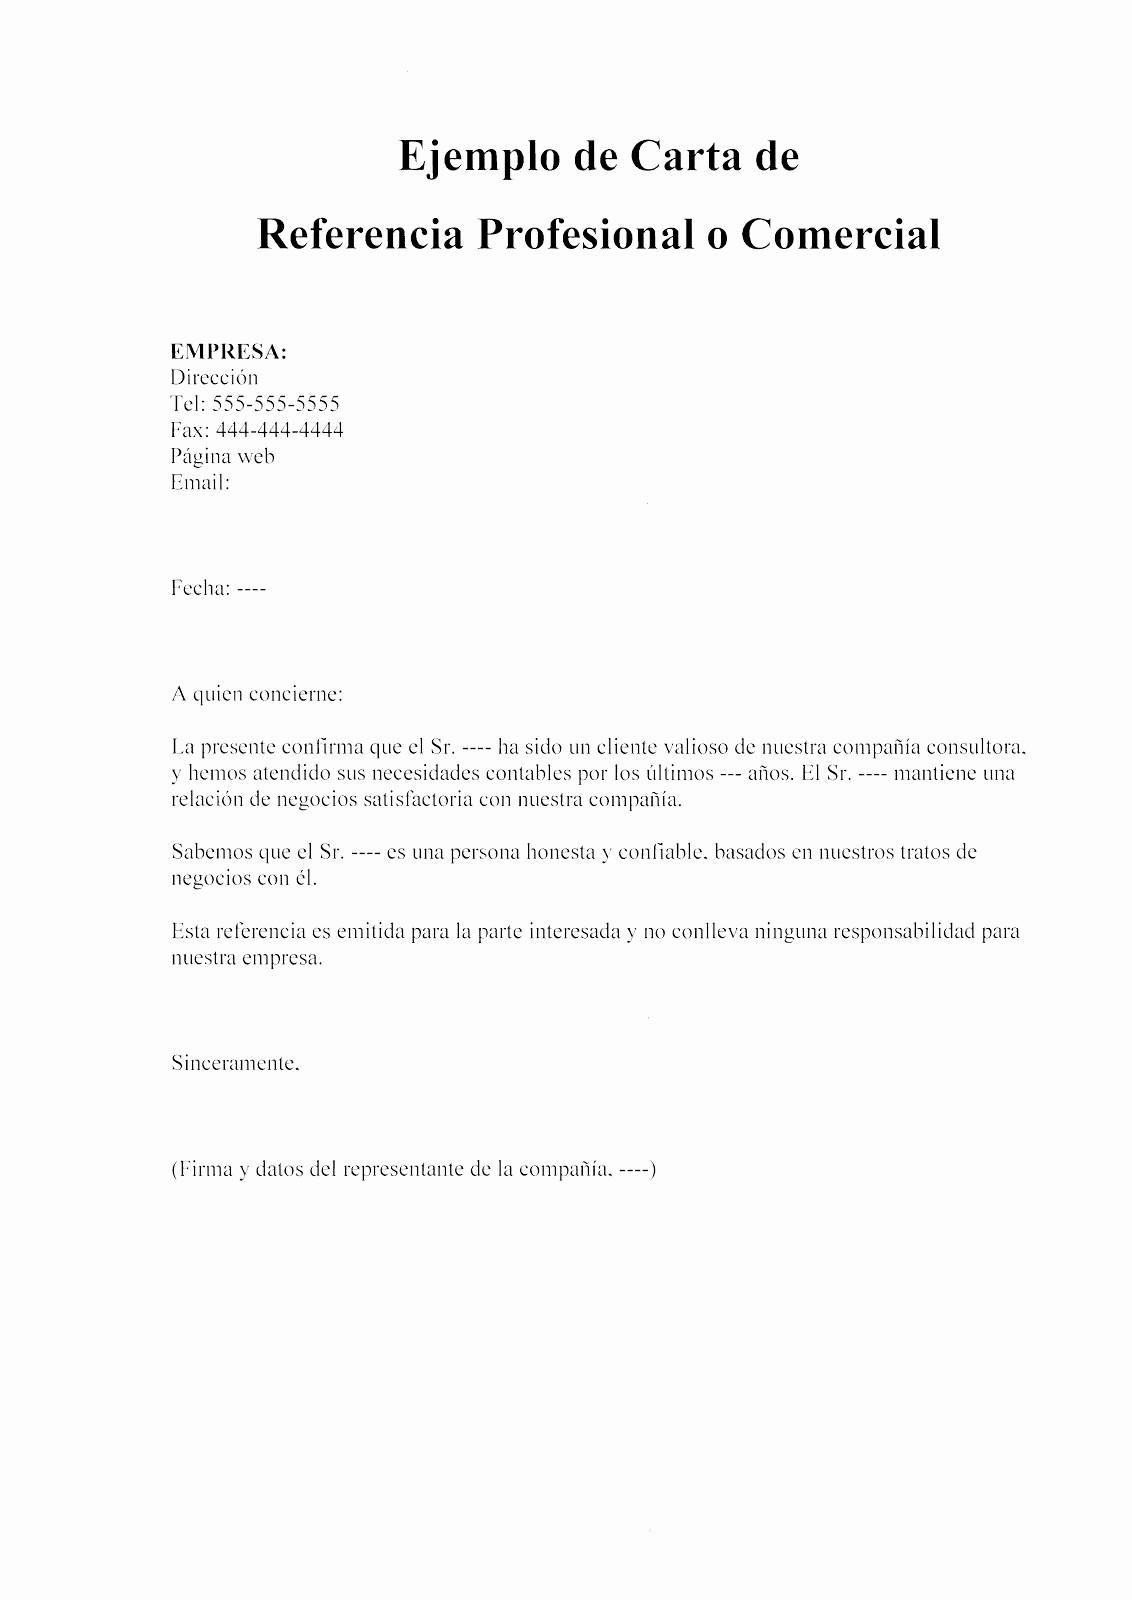 Modelo Carta De Recomendacion Personal Inspirational Modelos De Cartas De Referencia Una Española En Panama